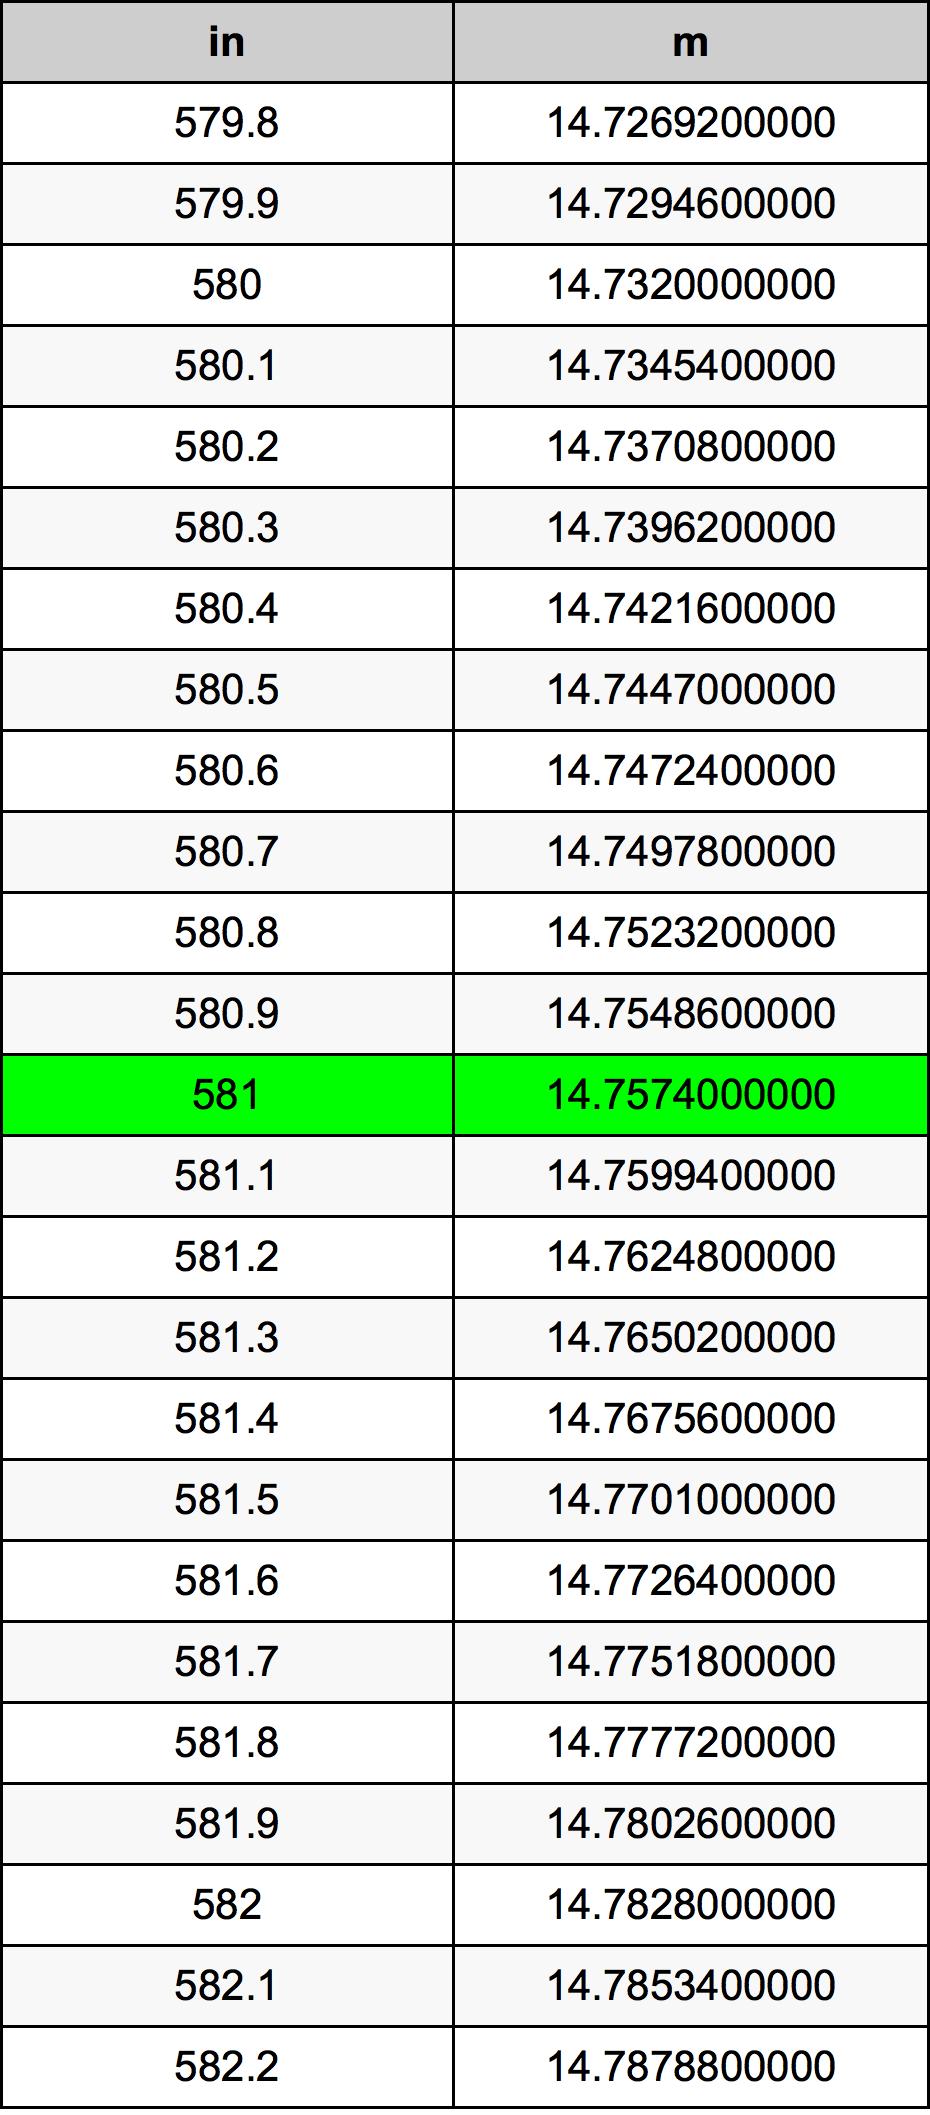 581 Pulzier konverżjoni tabella